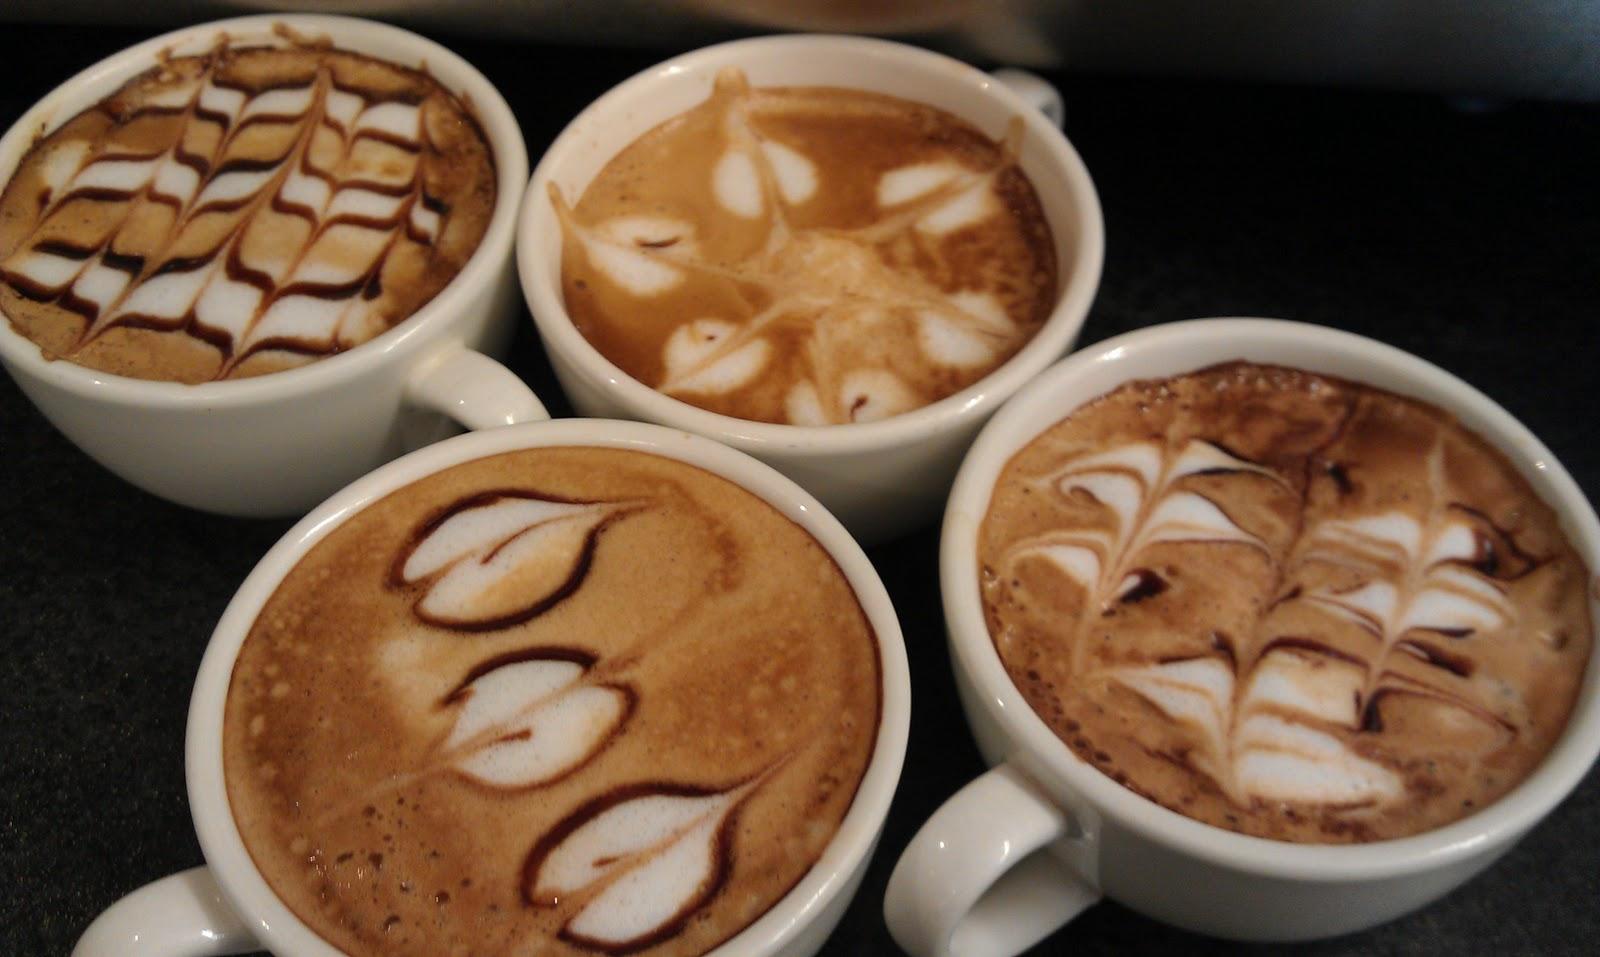 Кофе - новый холст для изобразительного искусства